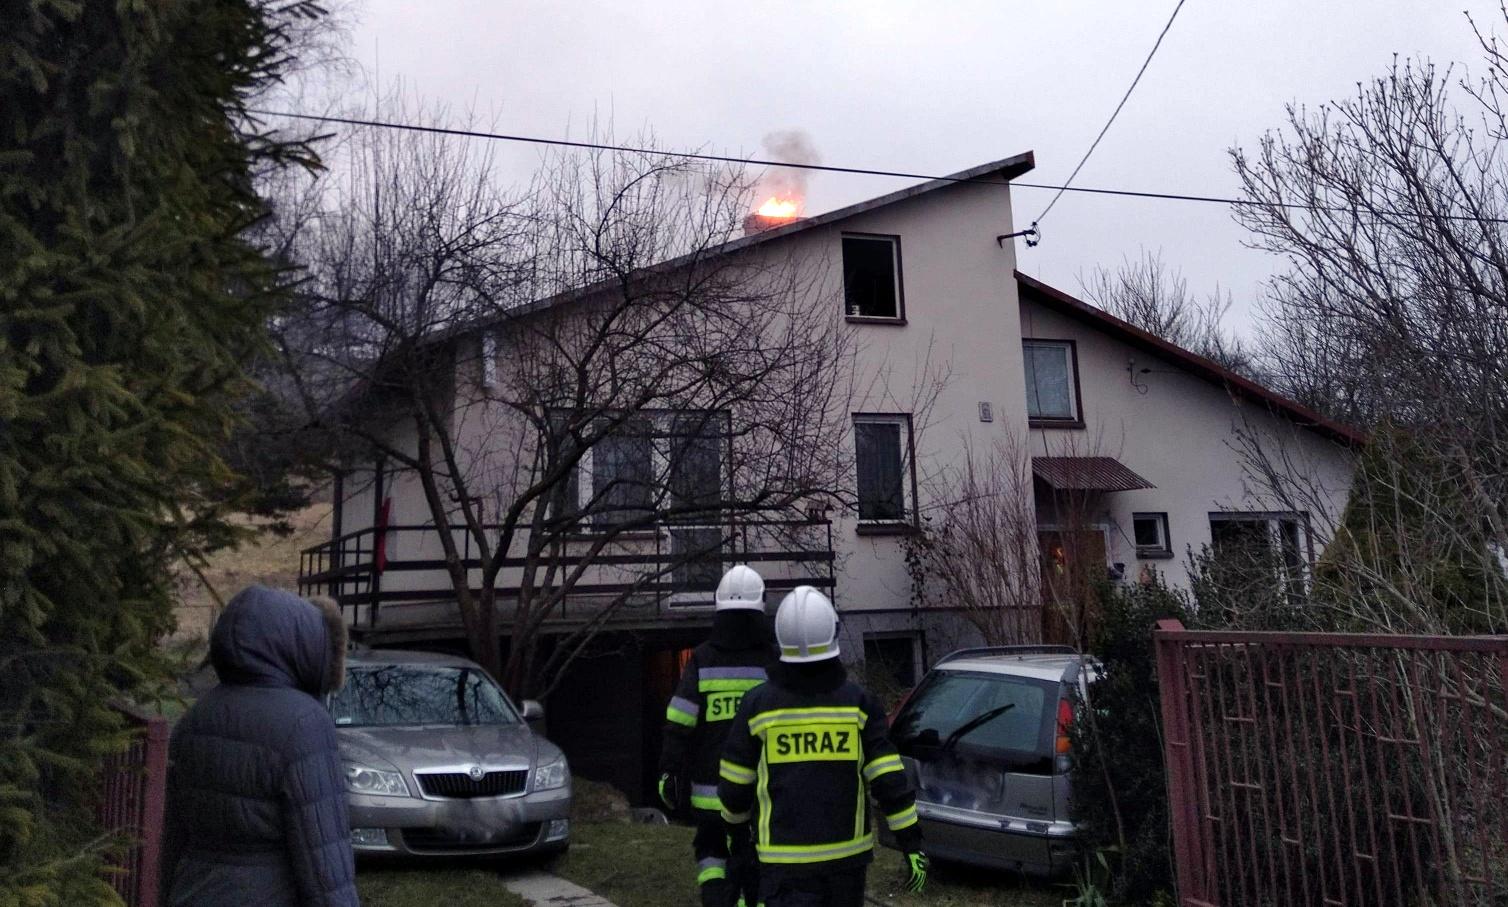 Gdyby nie policjanci 95-latka mogłaby zginąć w pożarze! [ZDJĘCIA] - Zdjęcie główne